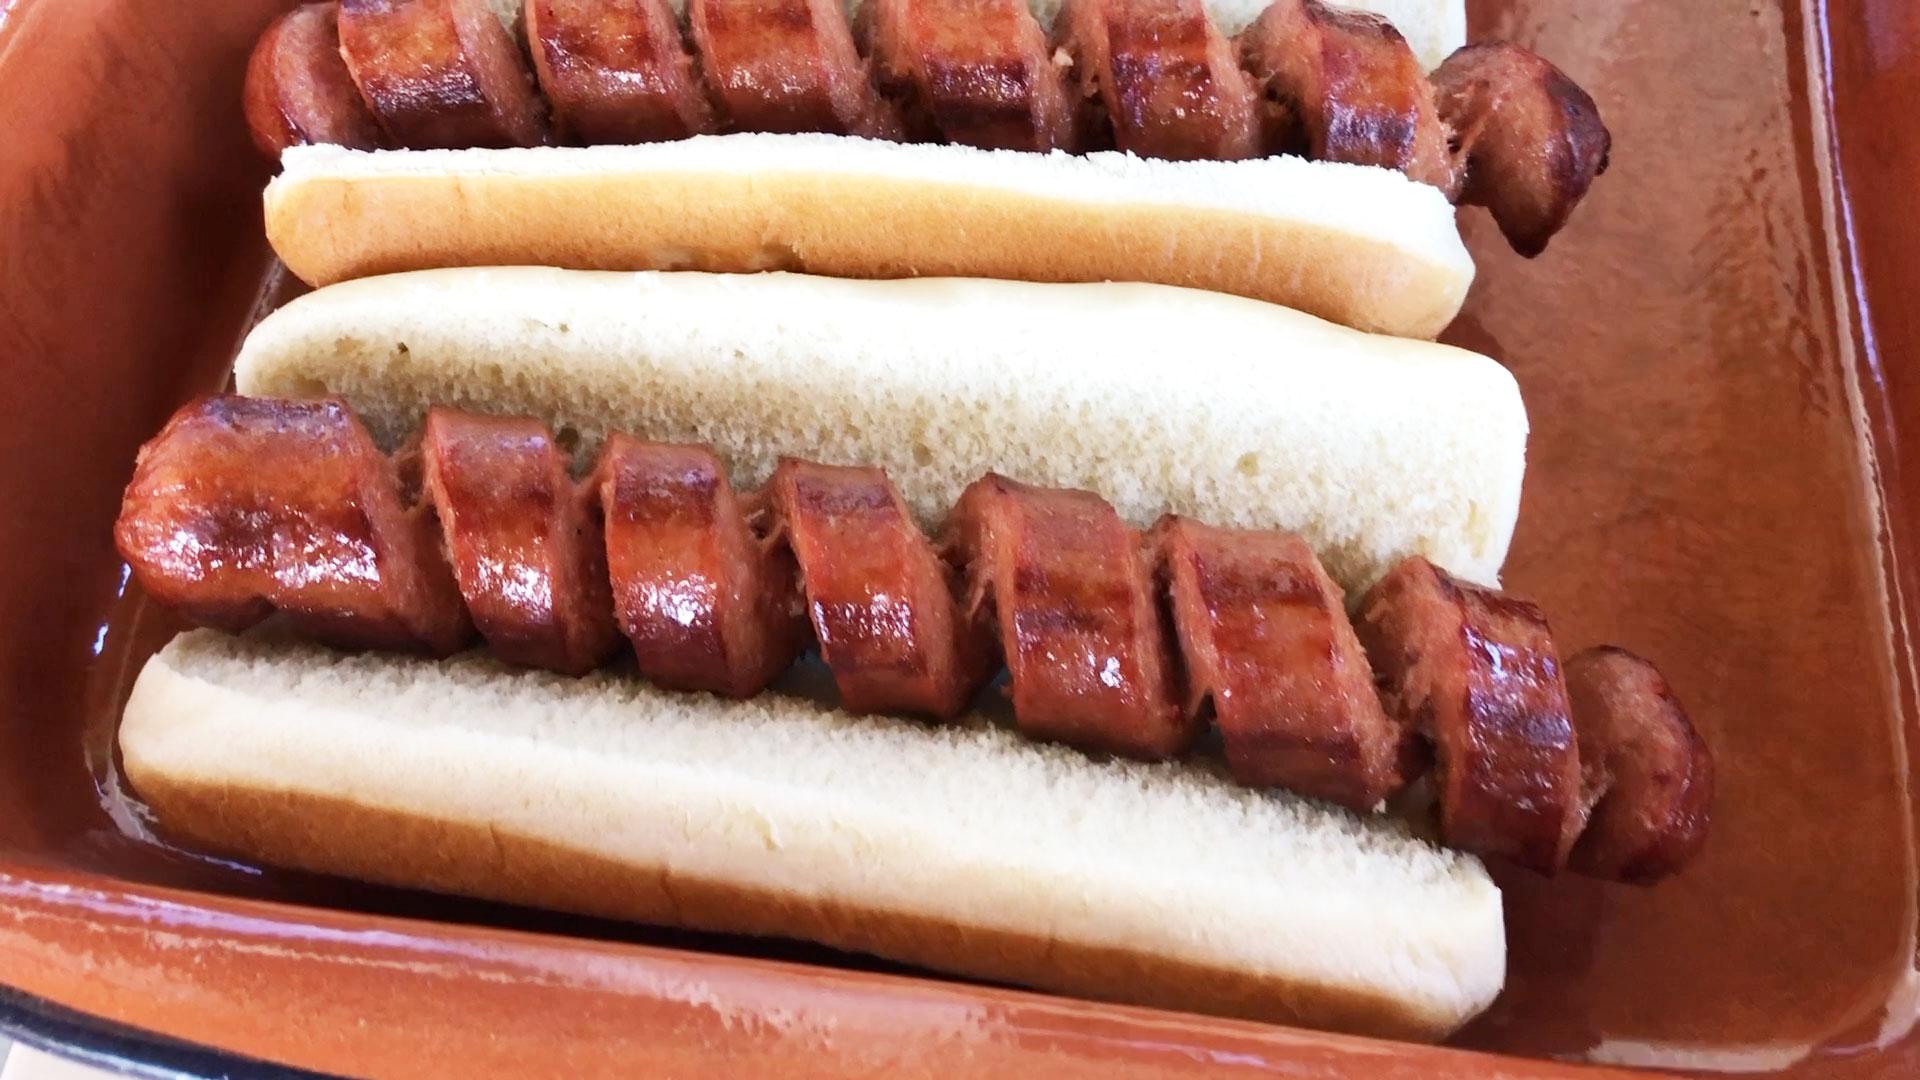 Spiral-sliced hot dog in bun